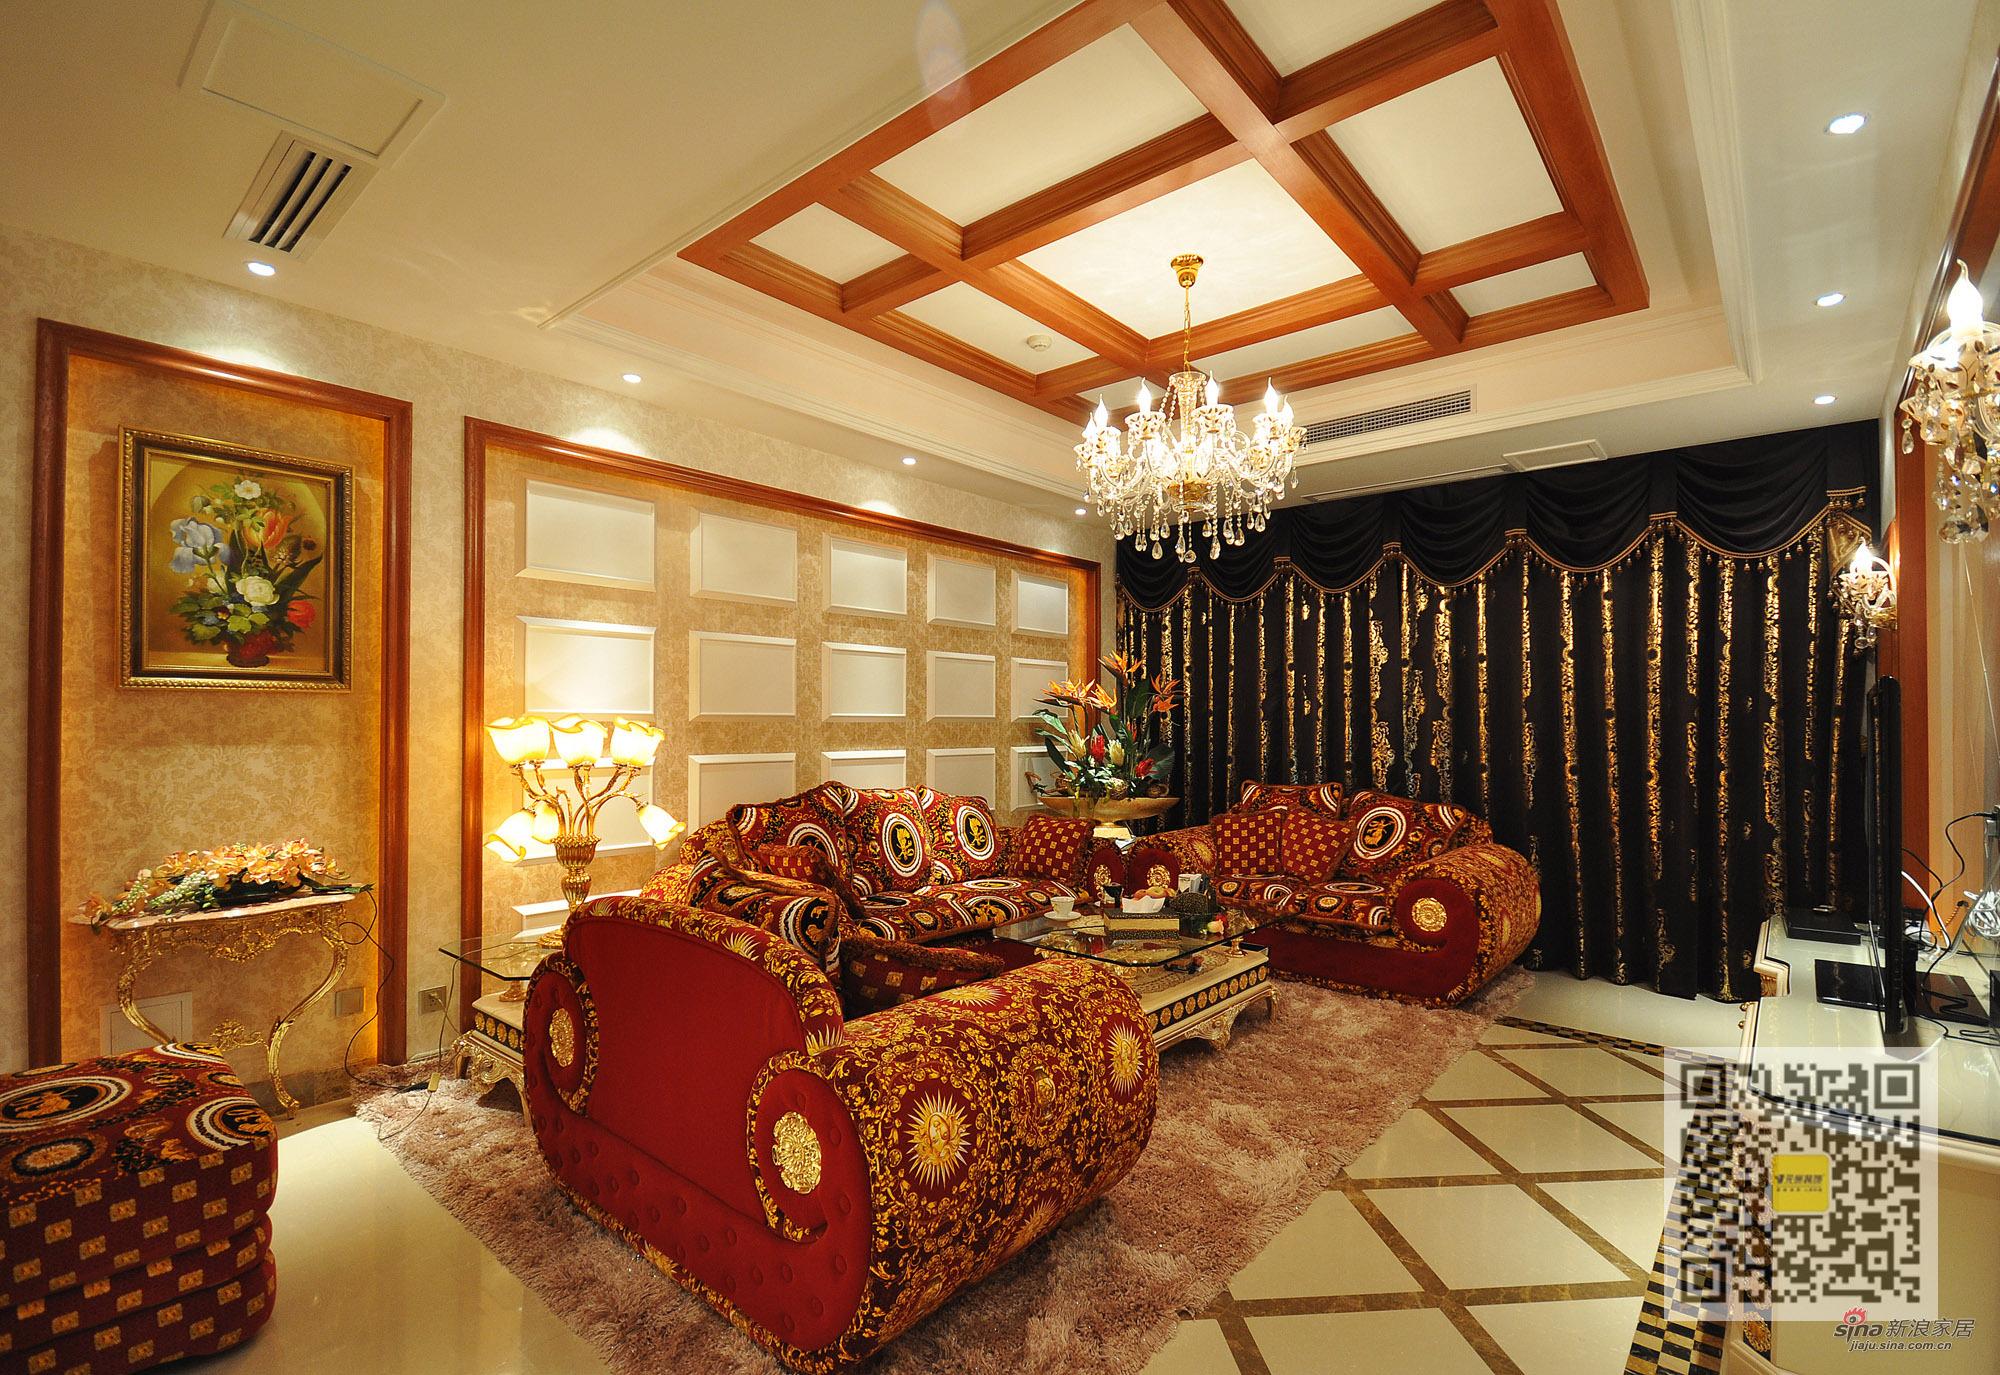 其他 别墅 客厅图片来自用户2737948467在新巴洛克风格别墅设计42的分享